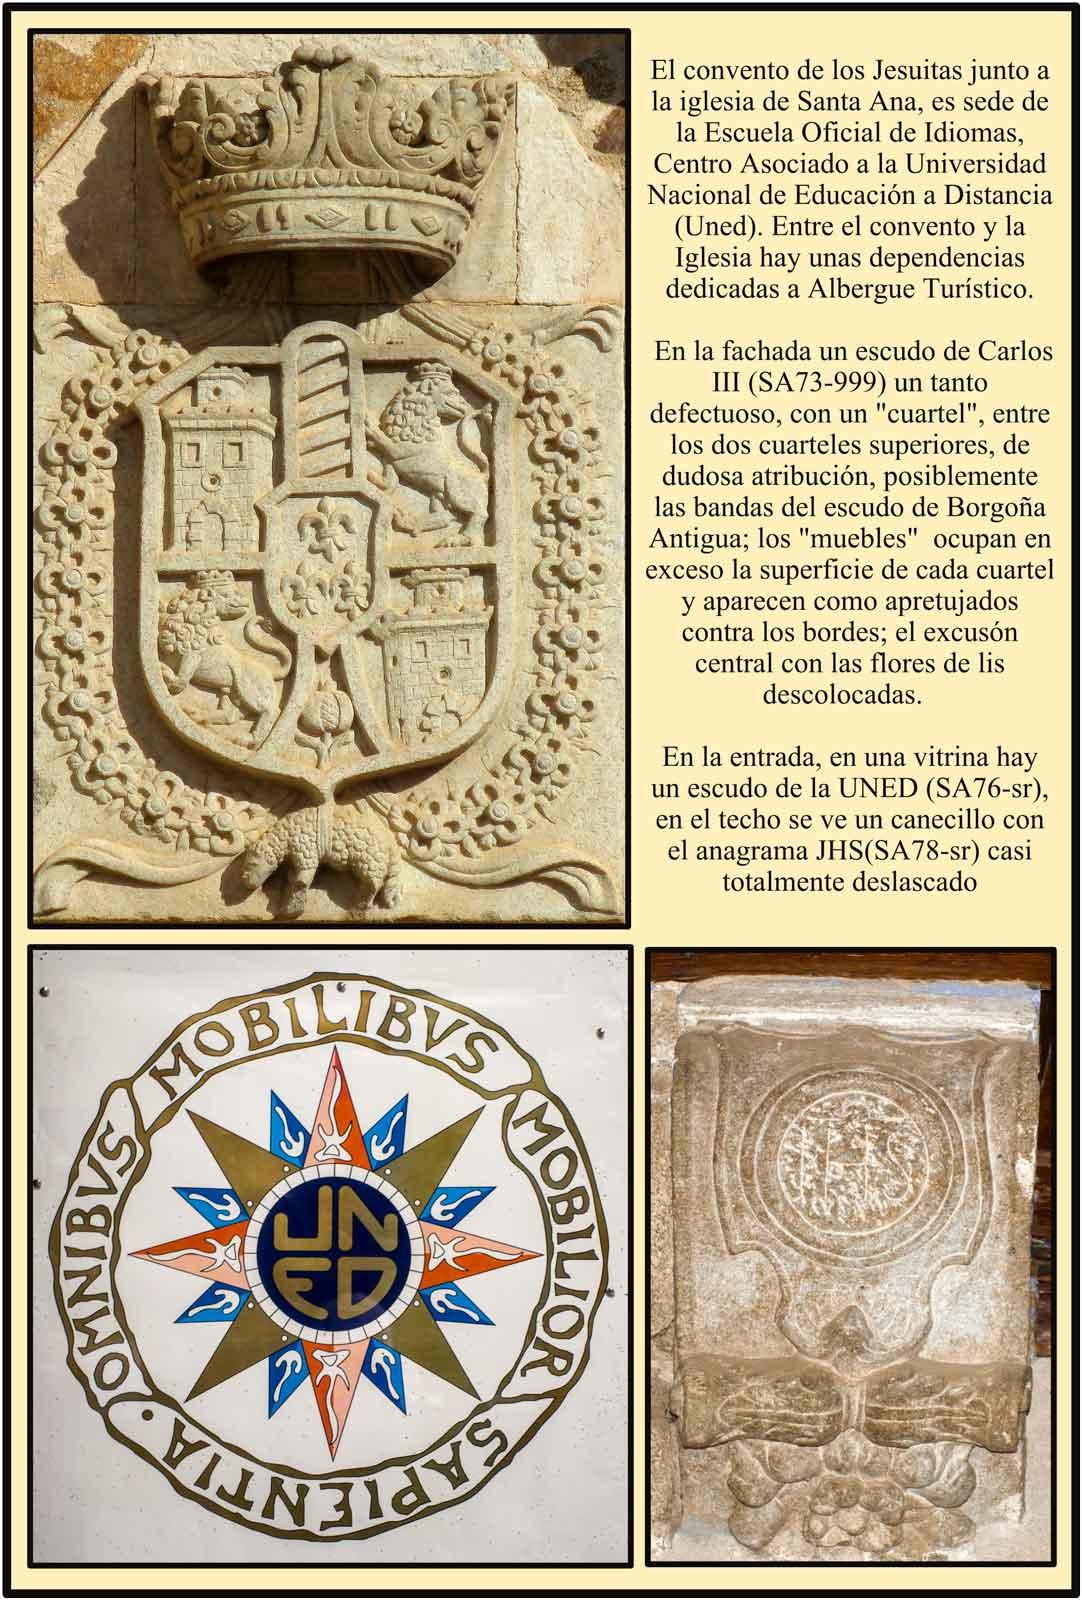 Plasencia Escudo de Carlos III y escudo de la Uned Universidad nacional de Educación a Distancia